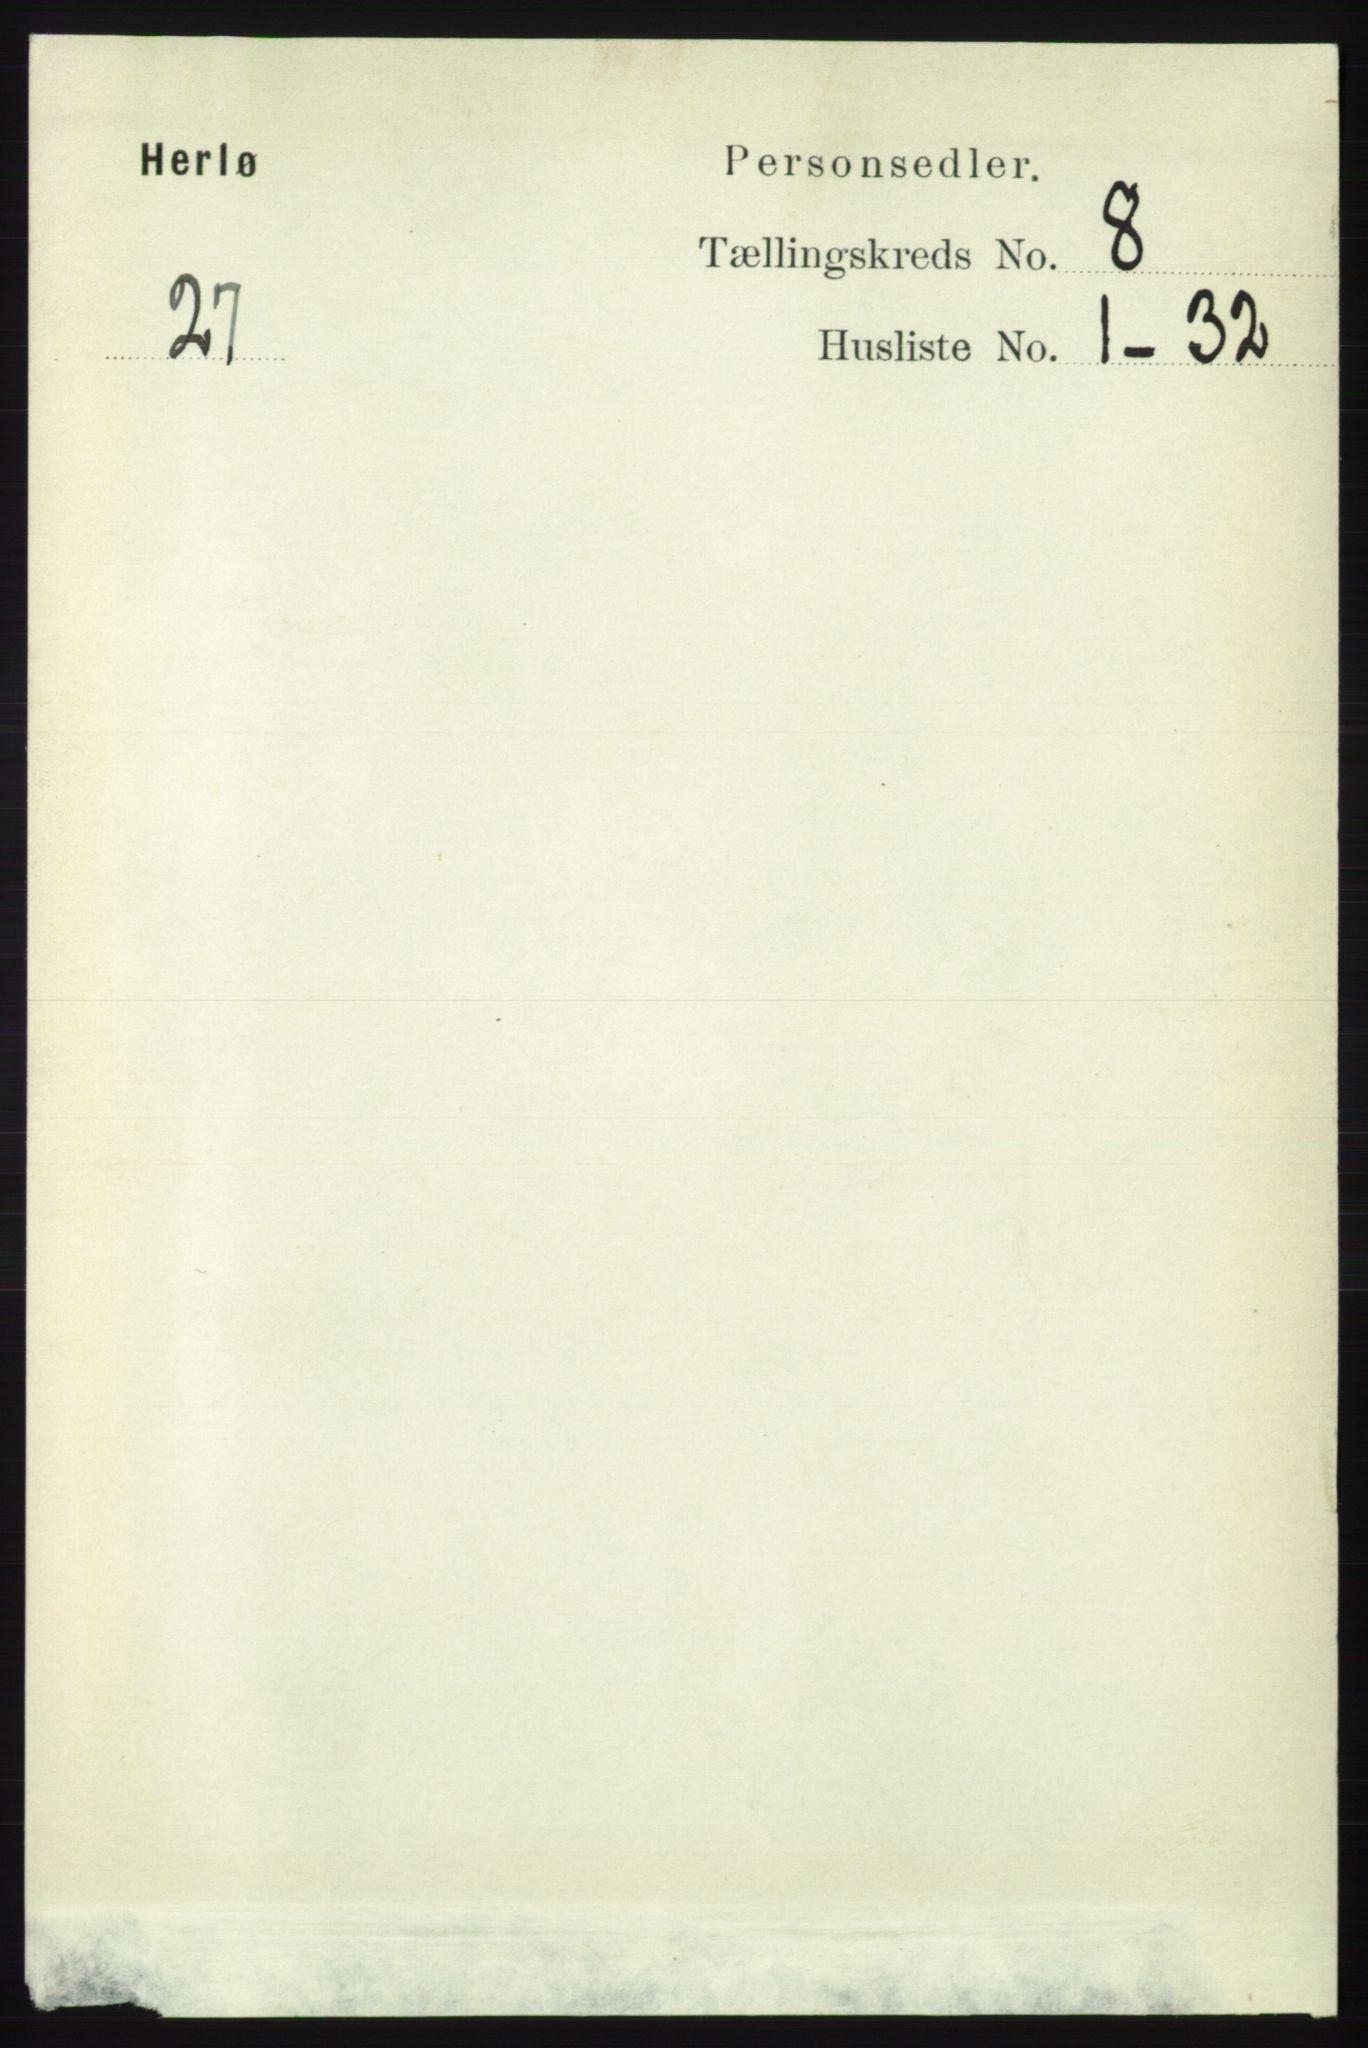 RA, Folketelling 1891 for 1258 Herdla herred, 1891, s. 3427